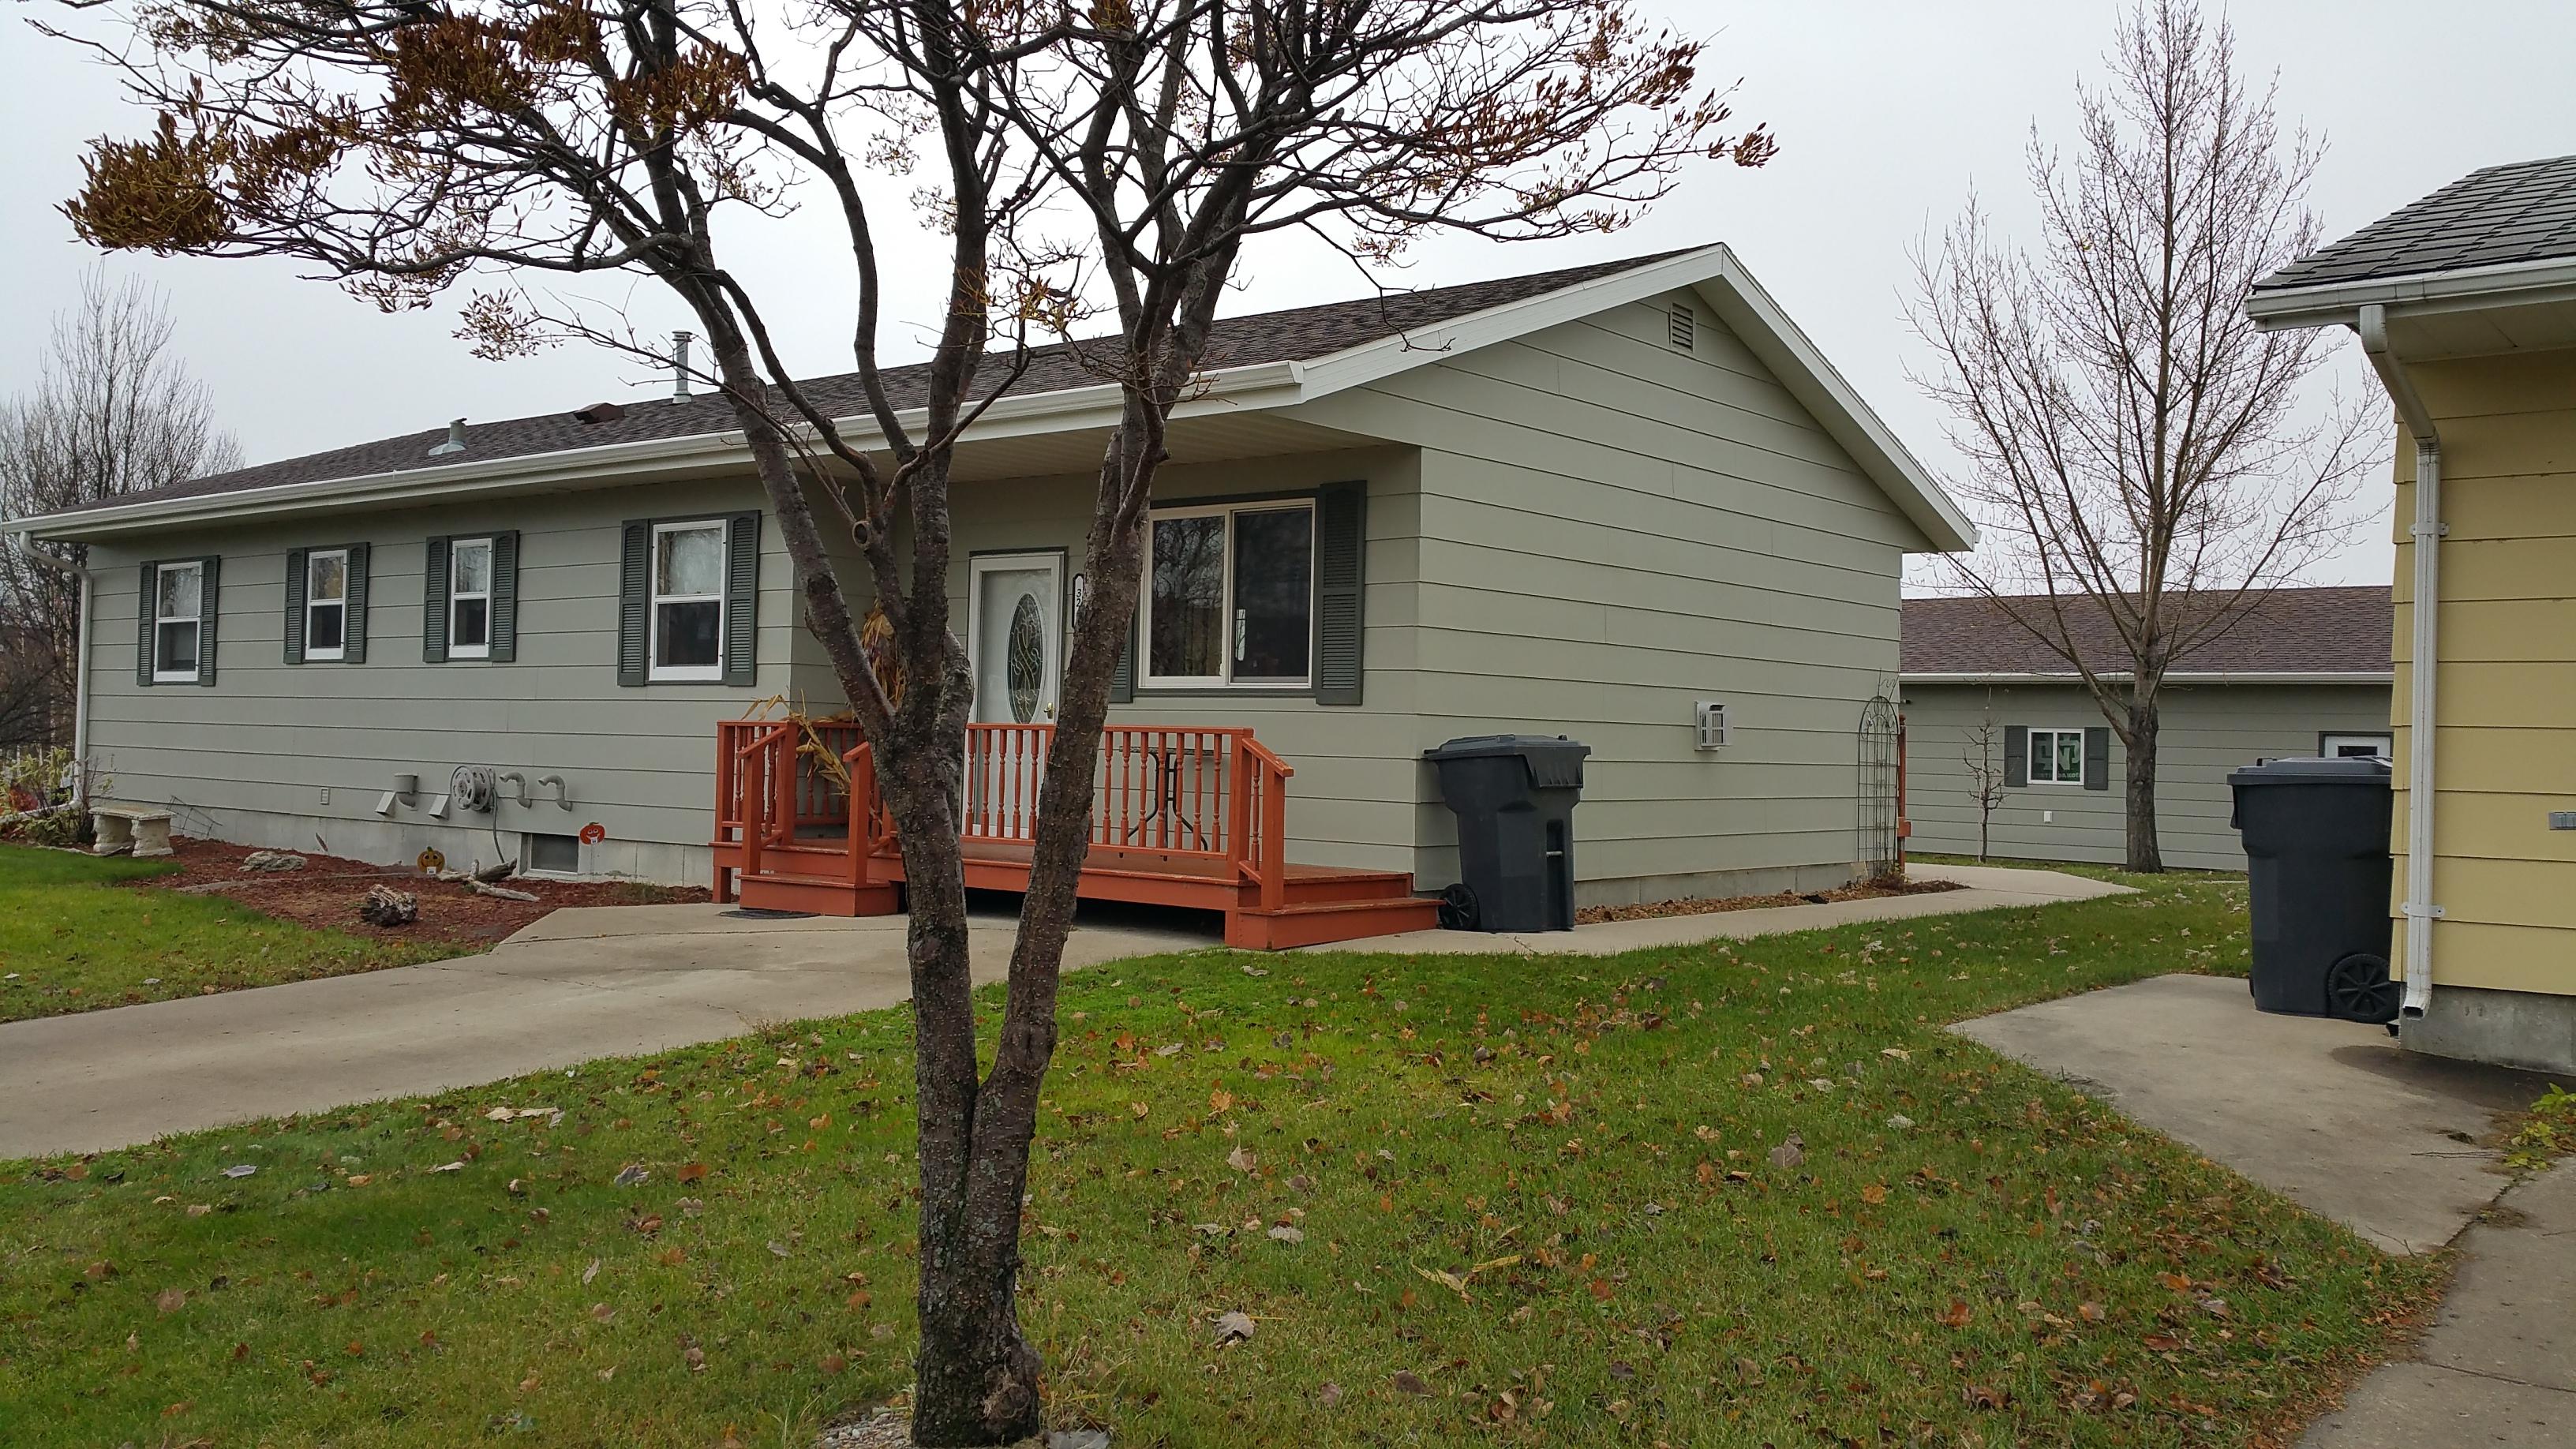 324 E 10th St, Grafton, North Dakota 58237